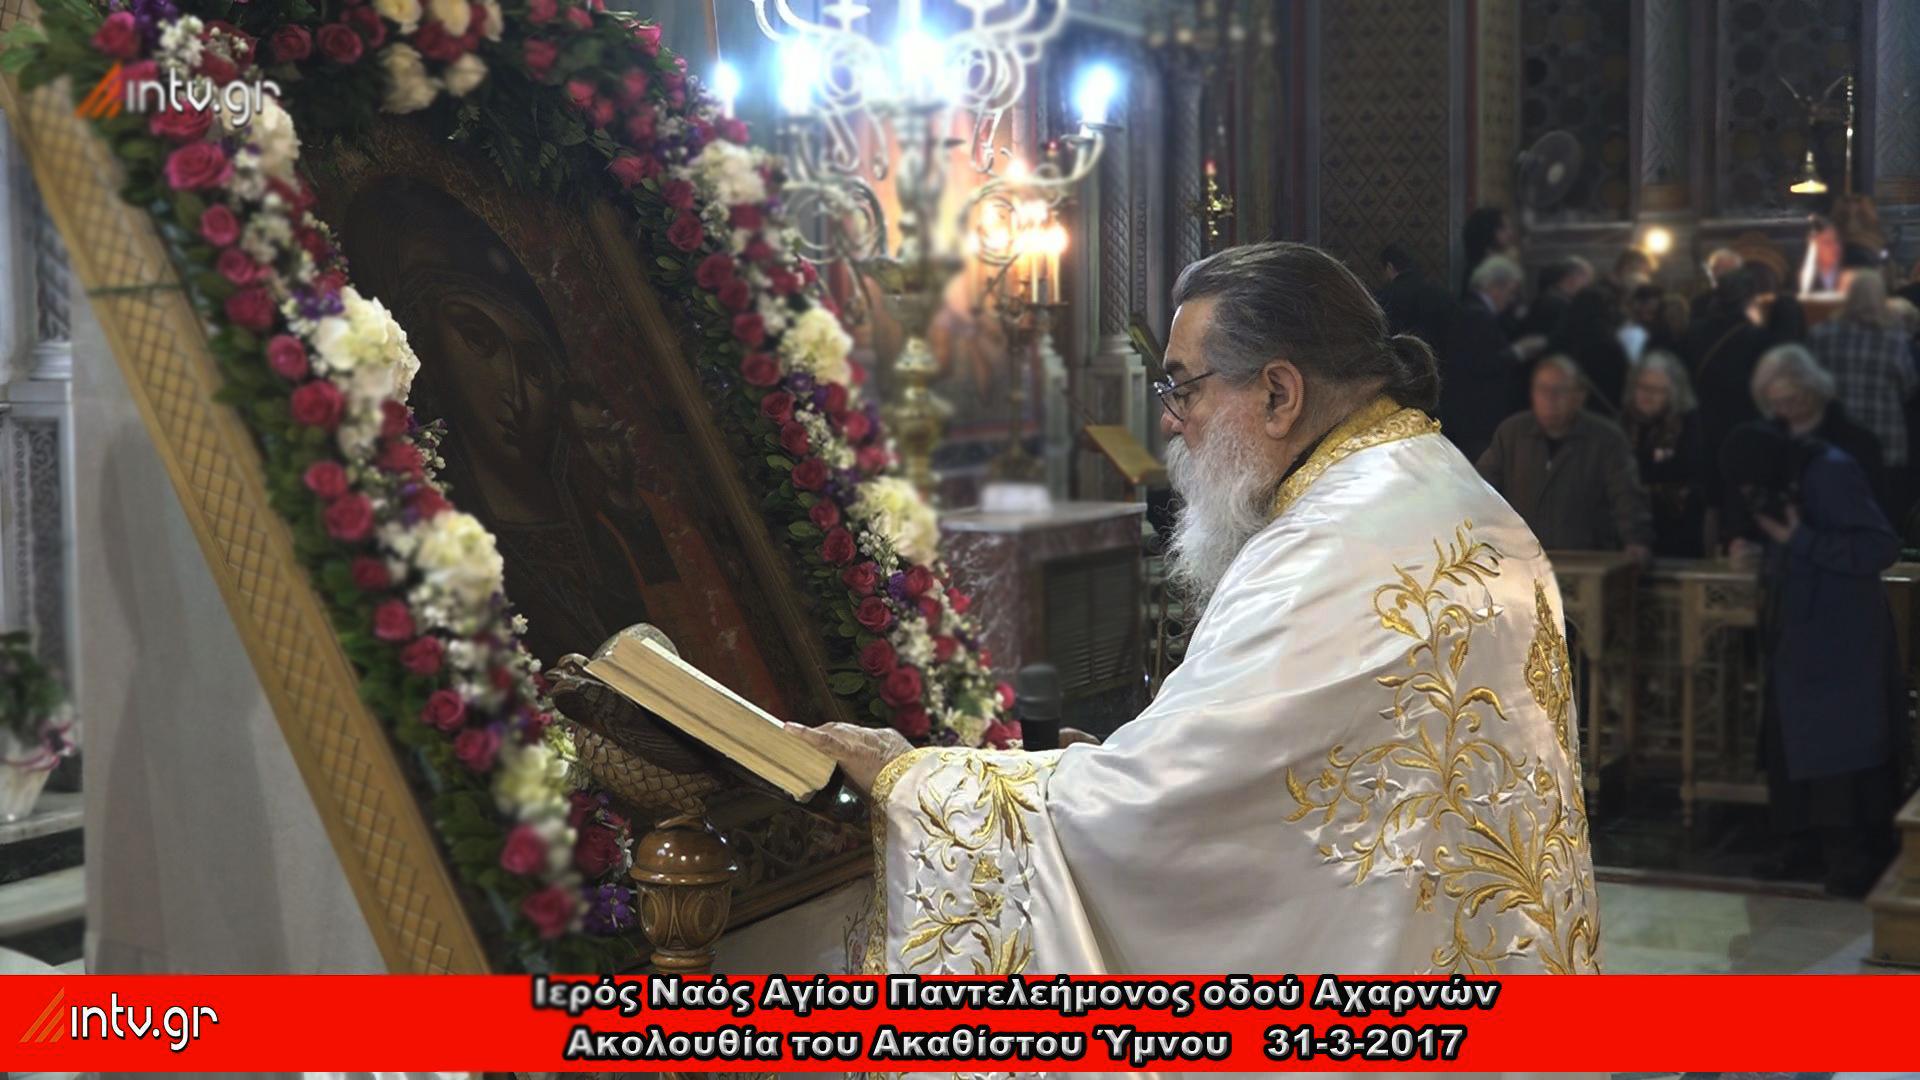 Ακολουθία του Ακαθίστου Ύμνου - Ιερός Ναός Αγίου Παντελεήμονος οδού Αχαρνών